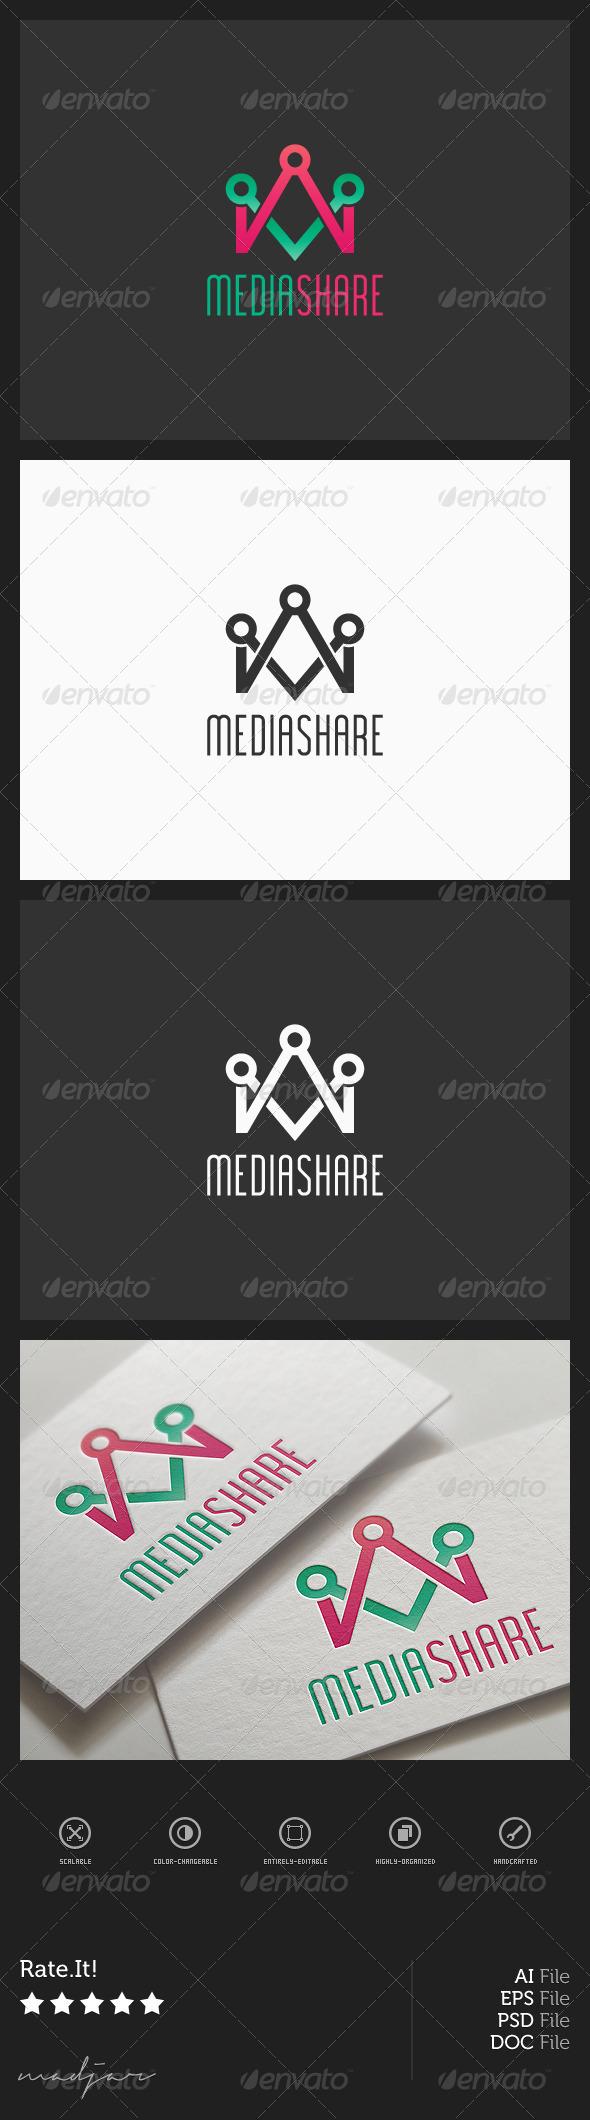 GraphicRiver Media Share Logo 7941837